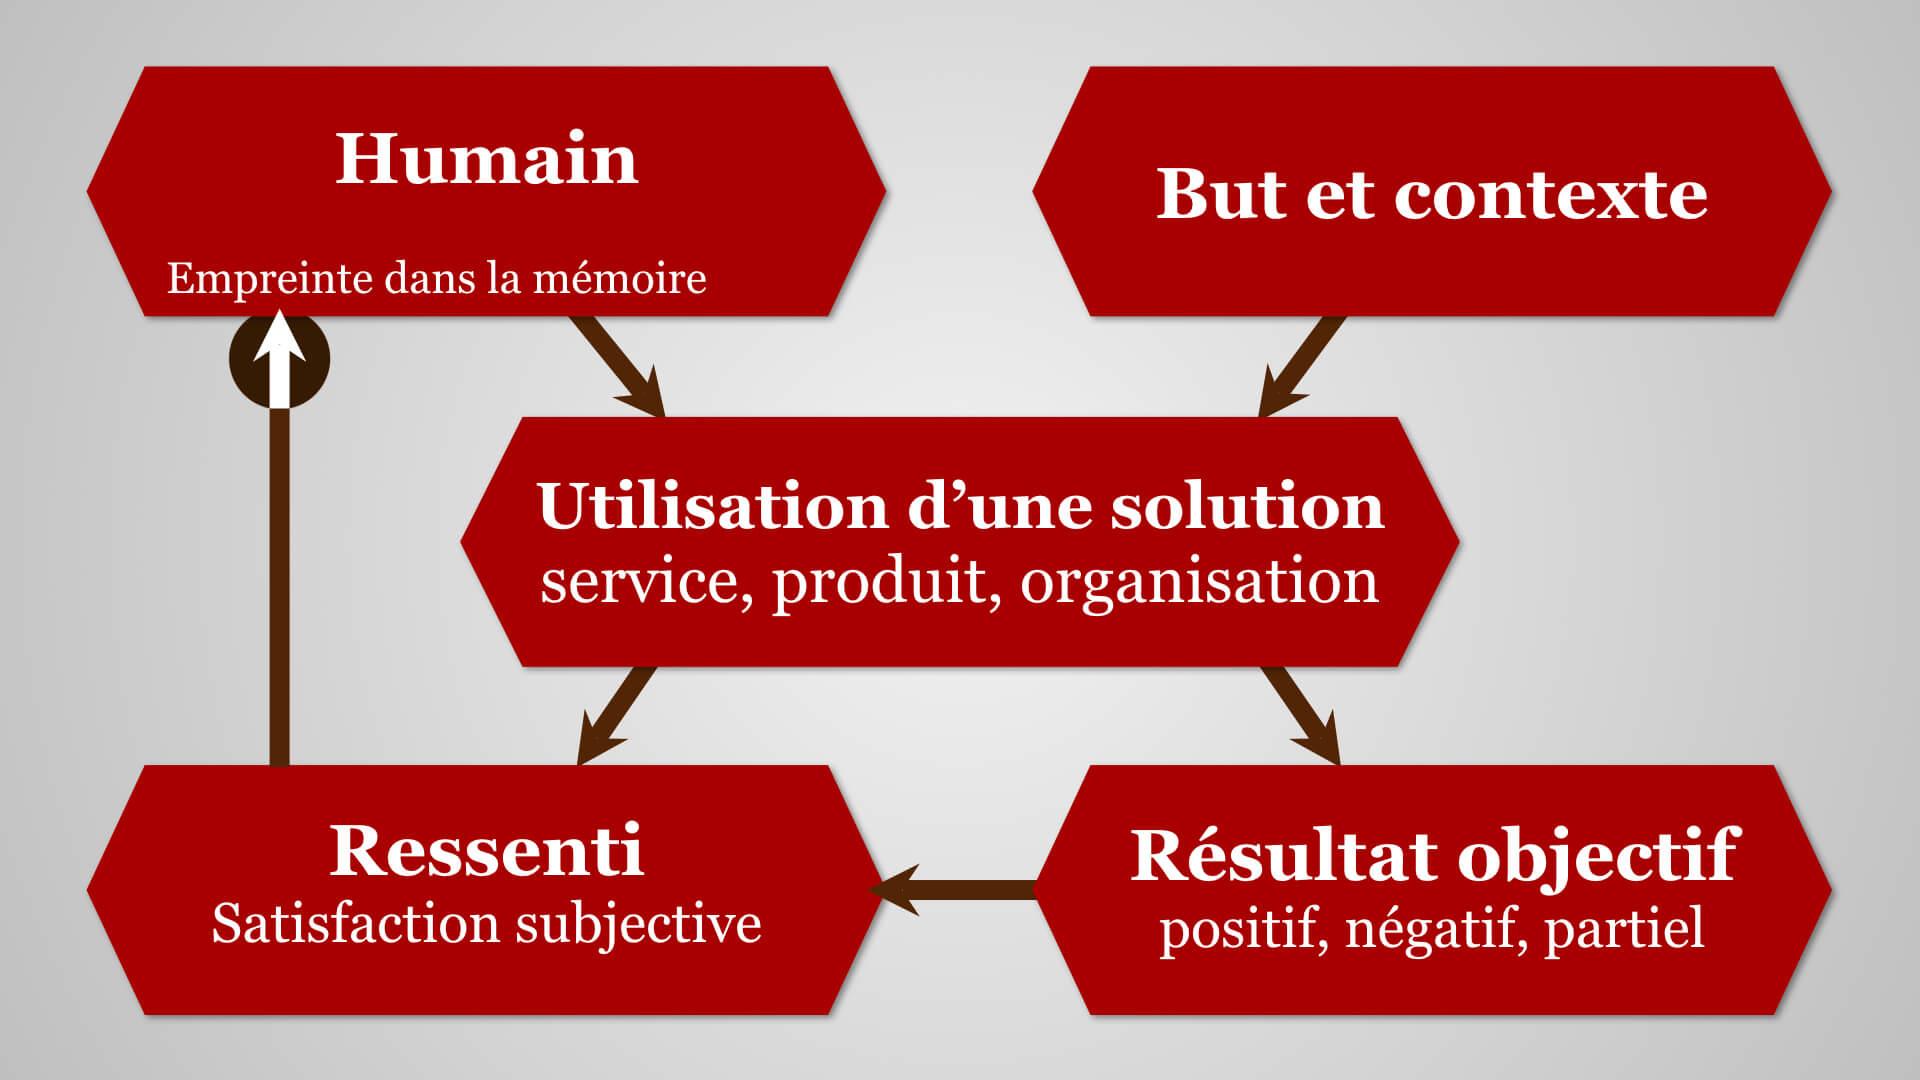 Schéma interprétation du modèle 5 carrés pour illustrer l'expérience utilisateur usager